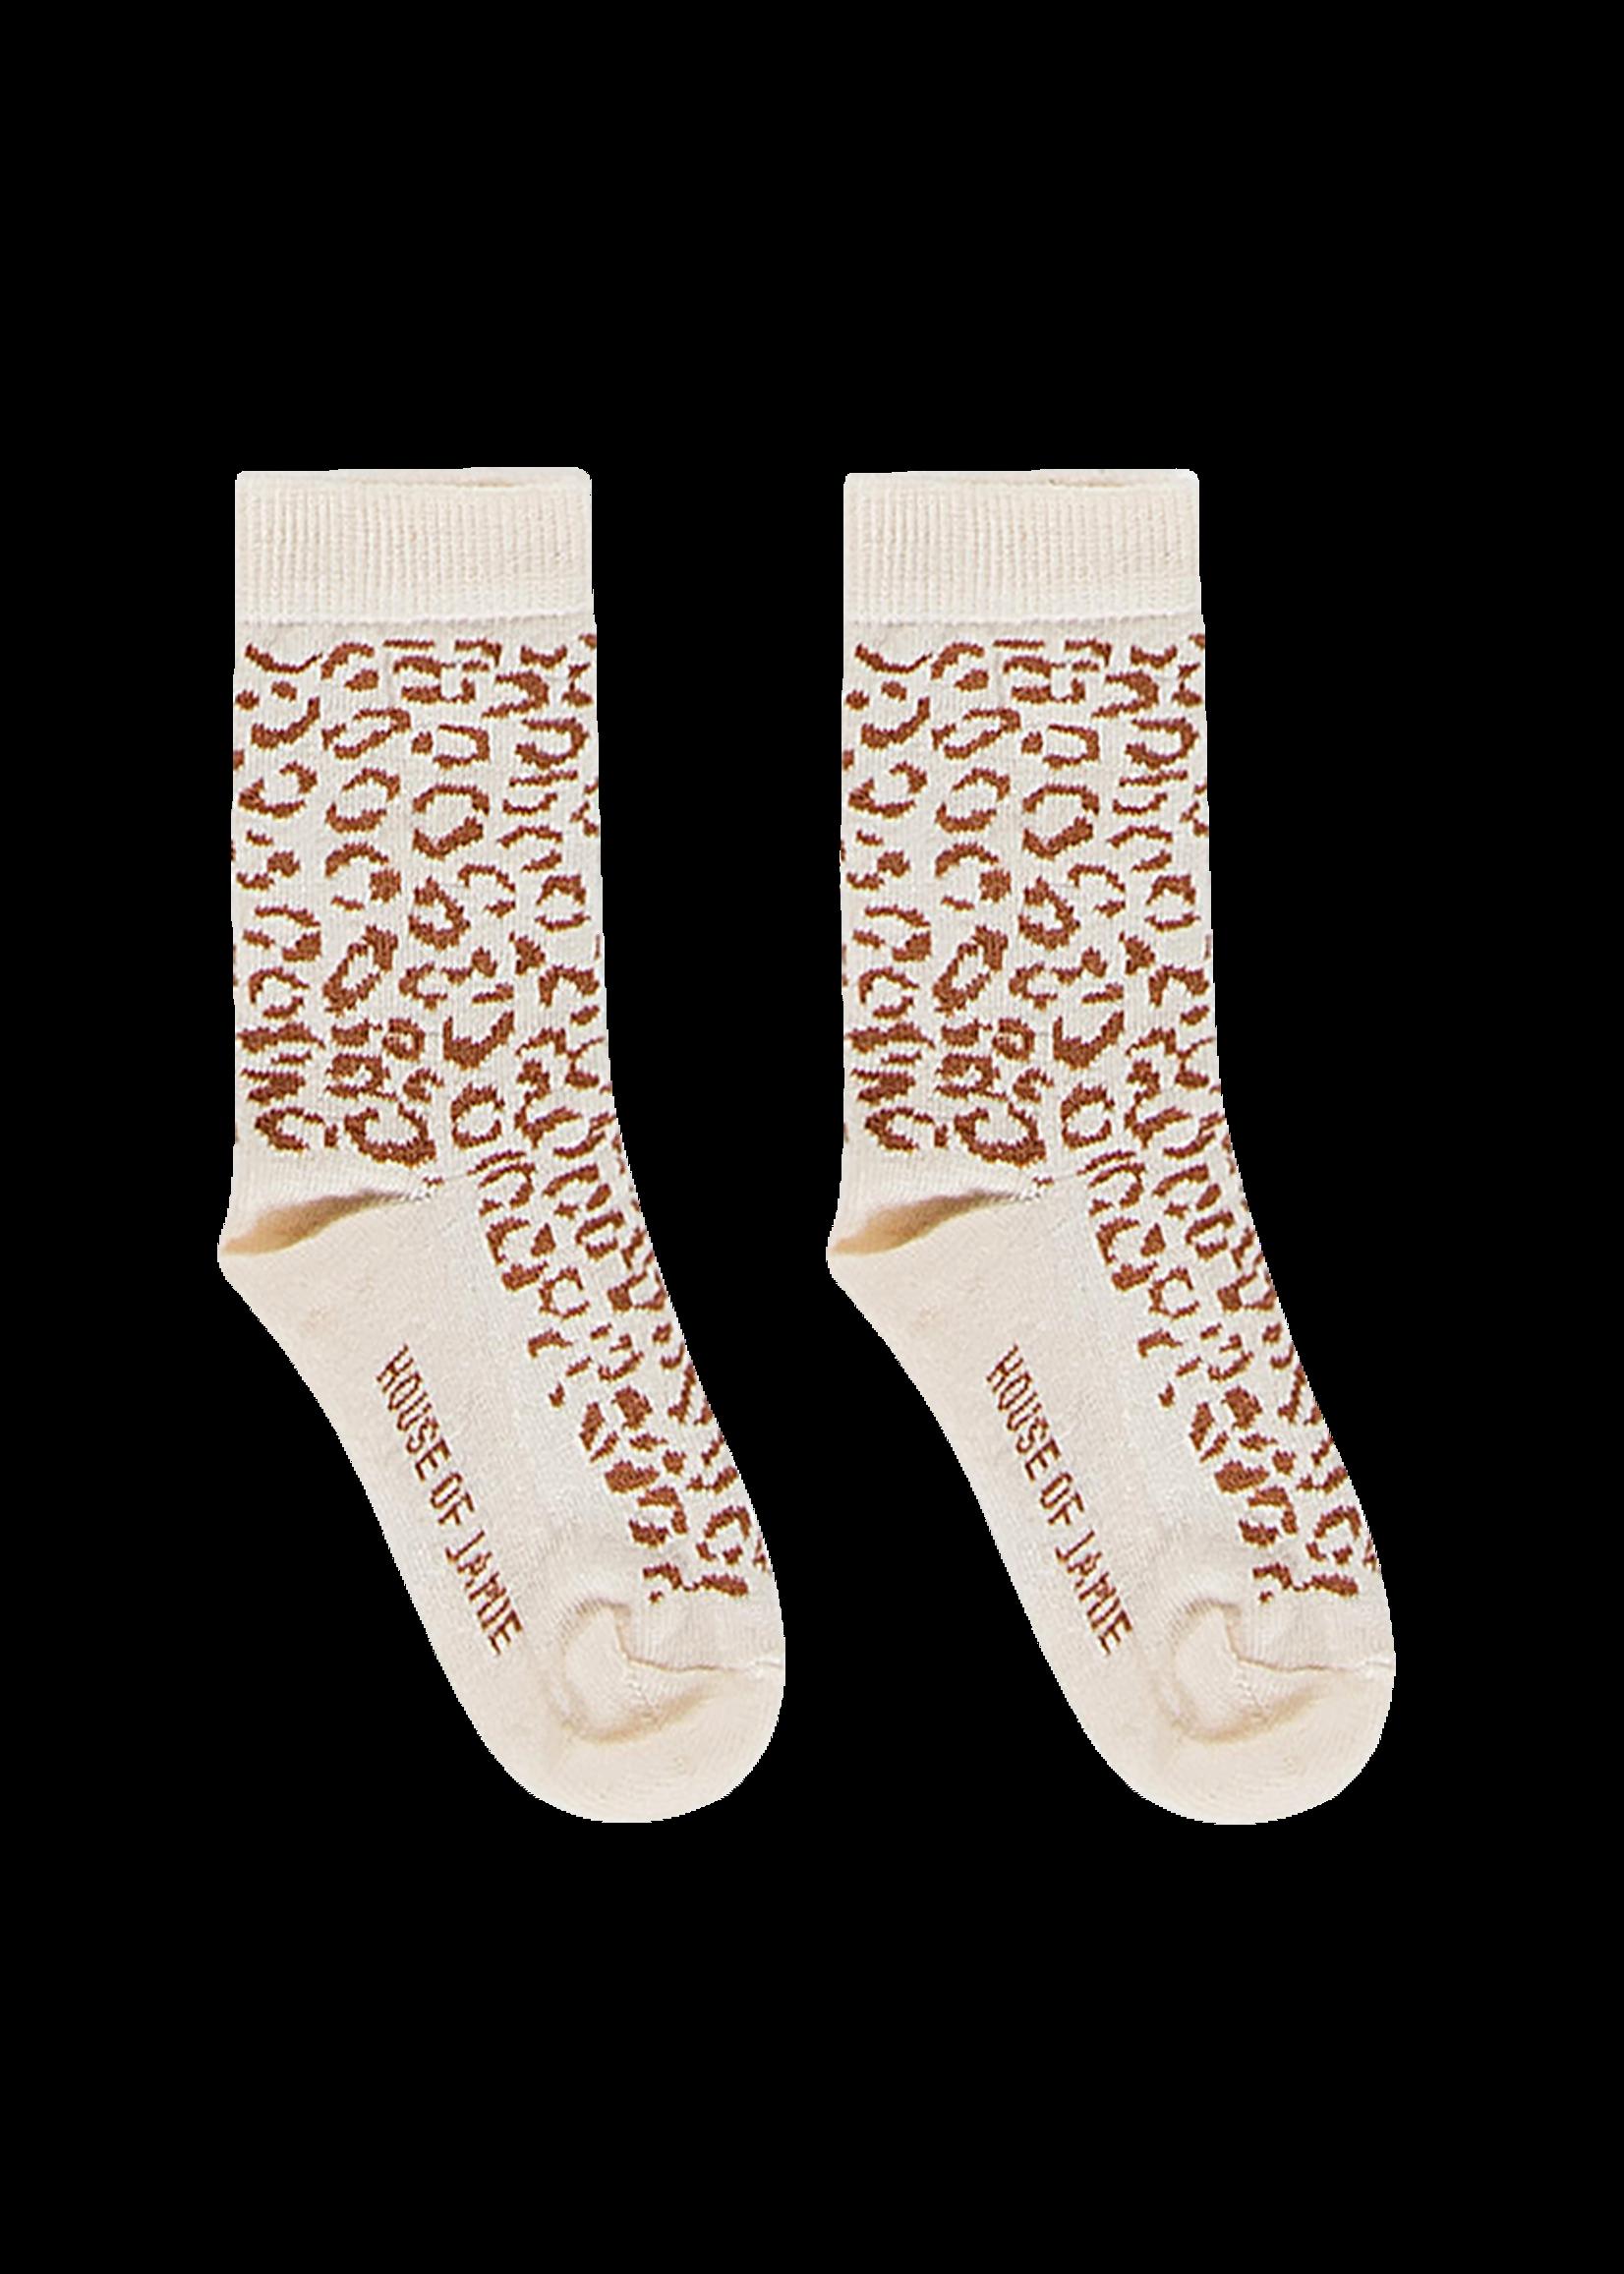 House of Jamie HOJ - Ankle Socks Cream & Toffee Leopard